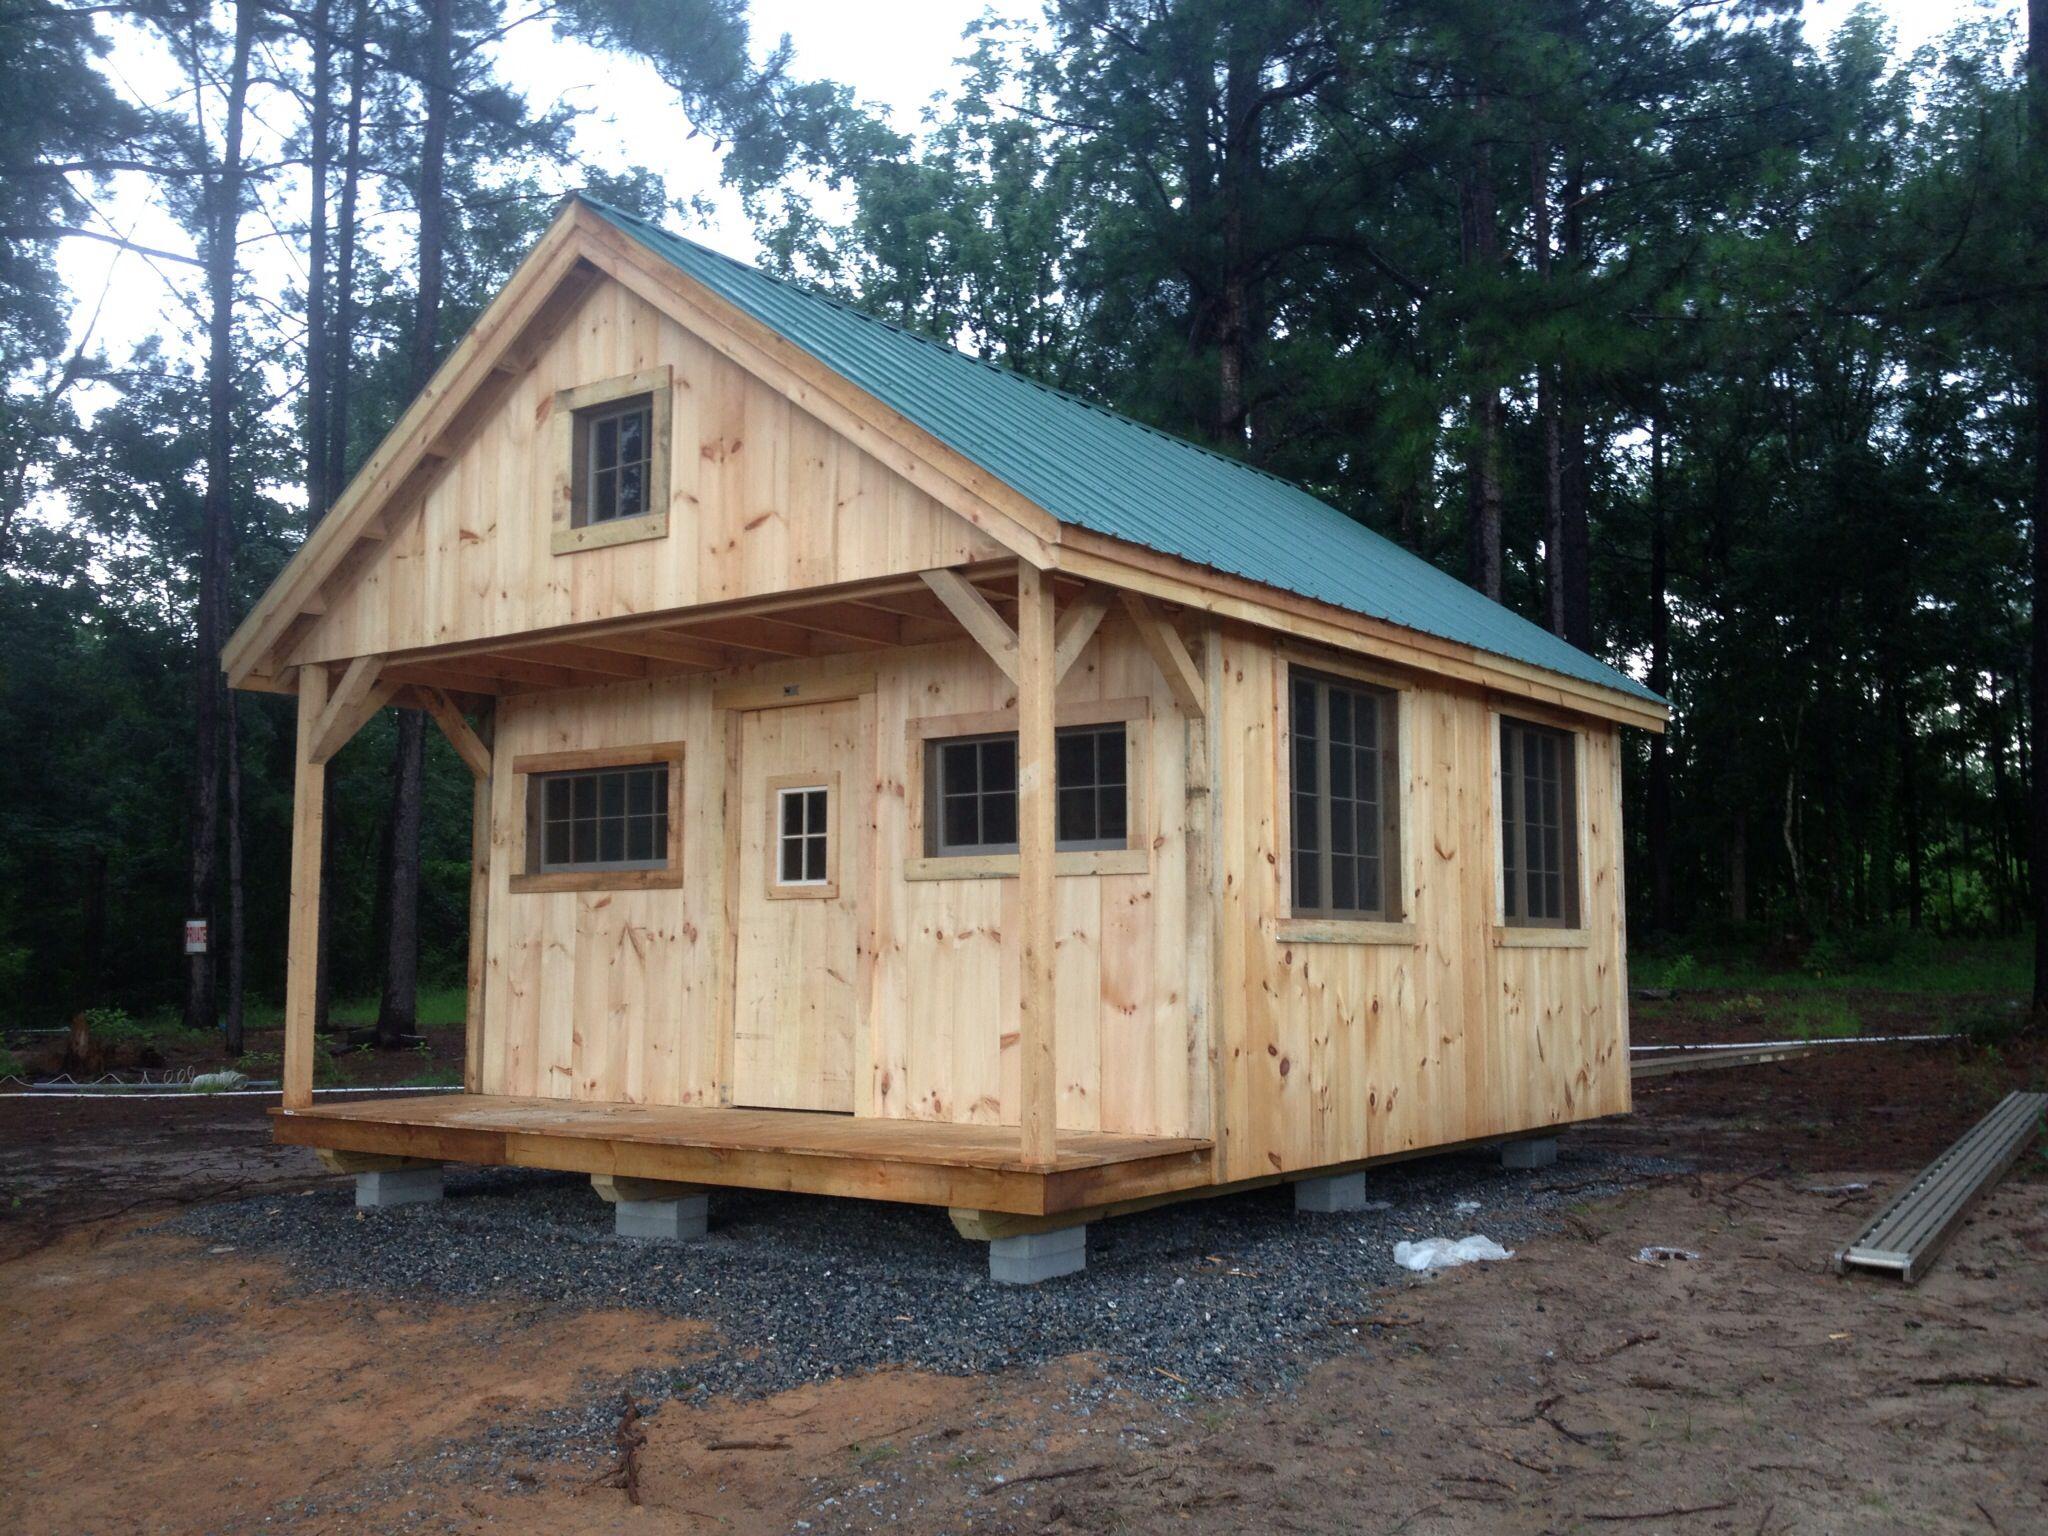 Hemlock Cabin Outdoor Buildings Shed Outdoor Structures